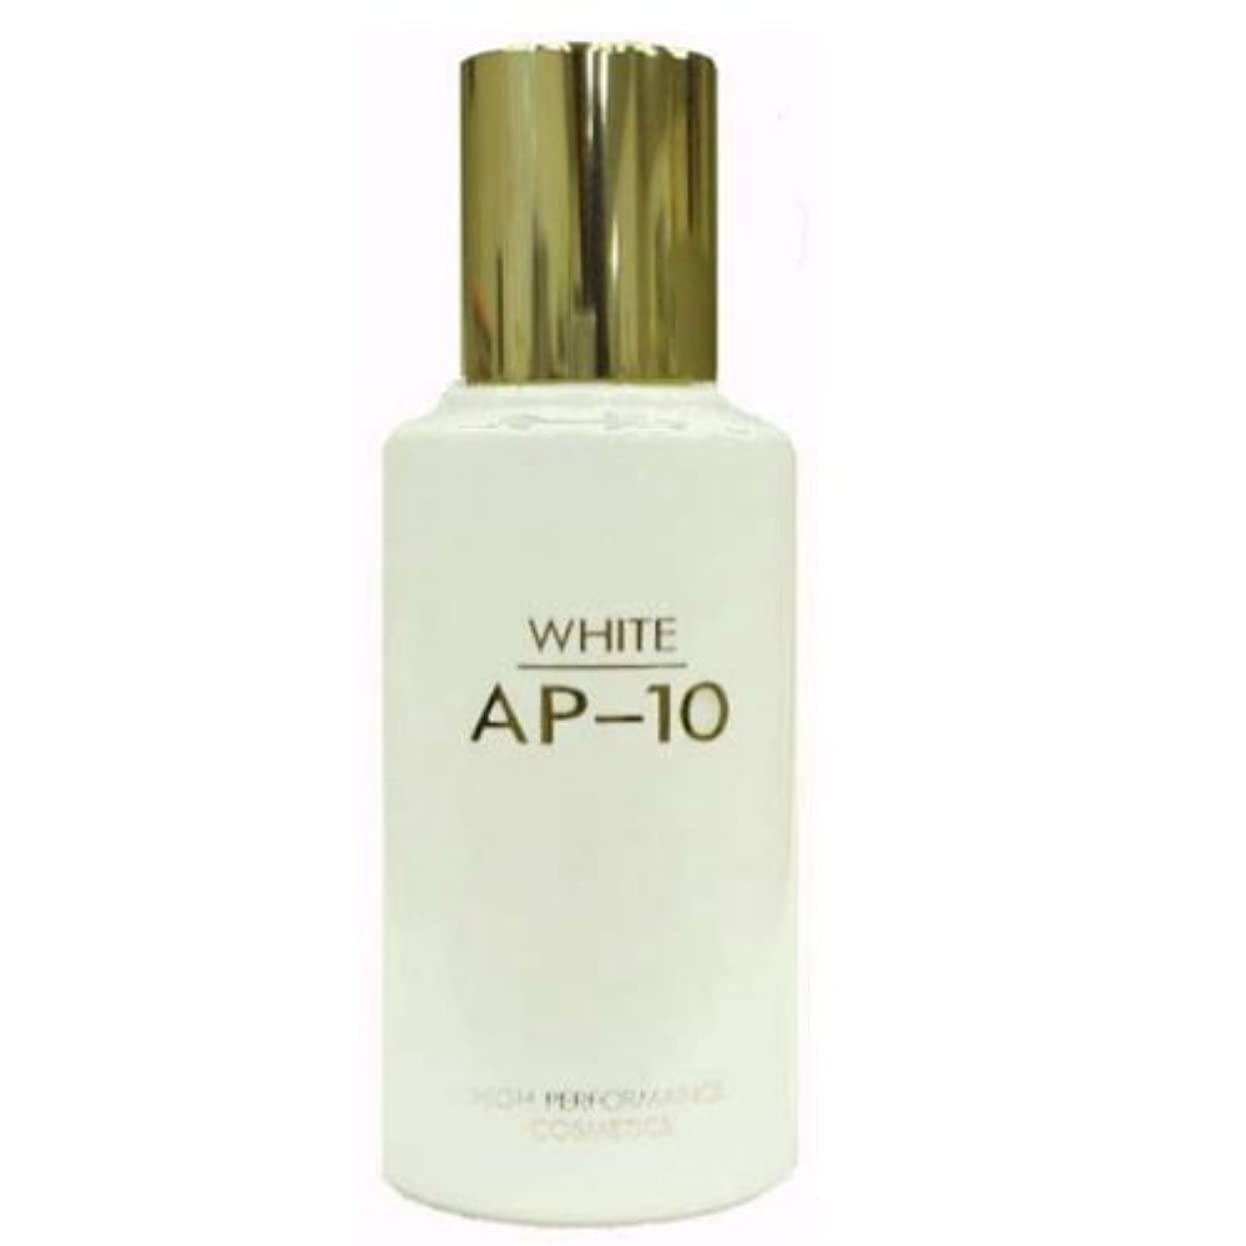 狼日光証言するホワイトAP-10